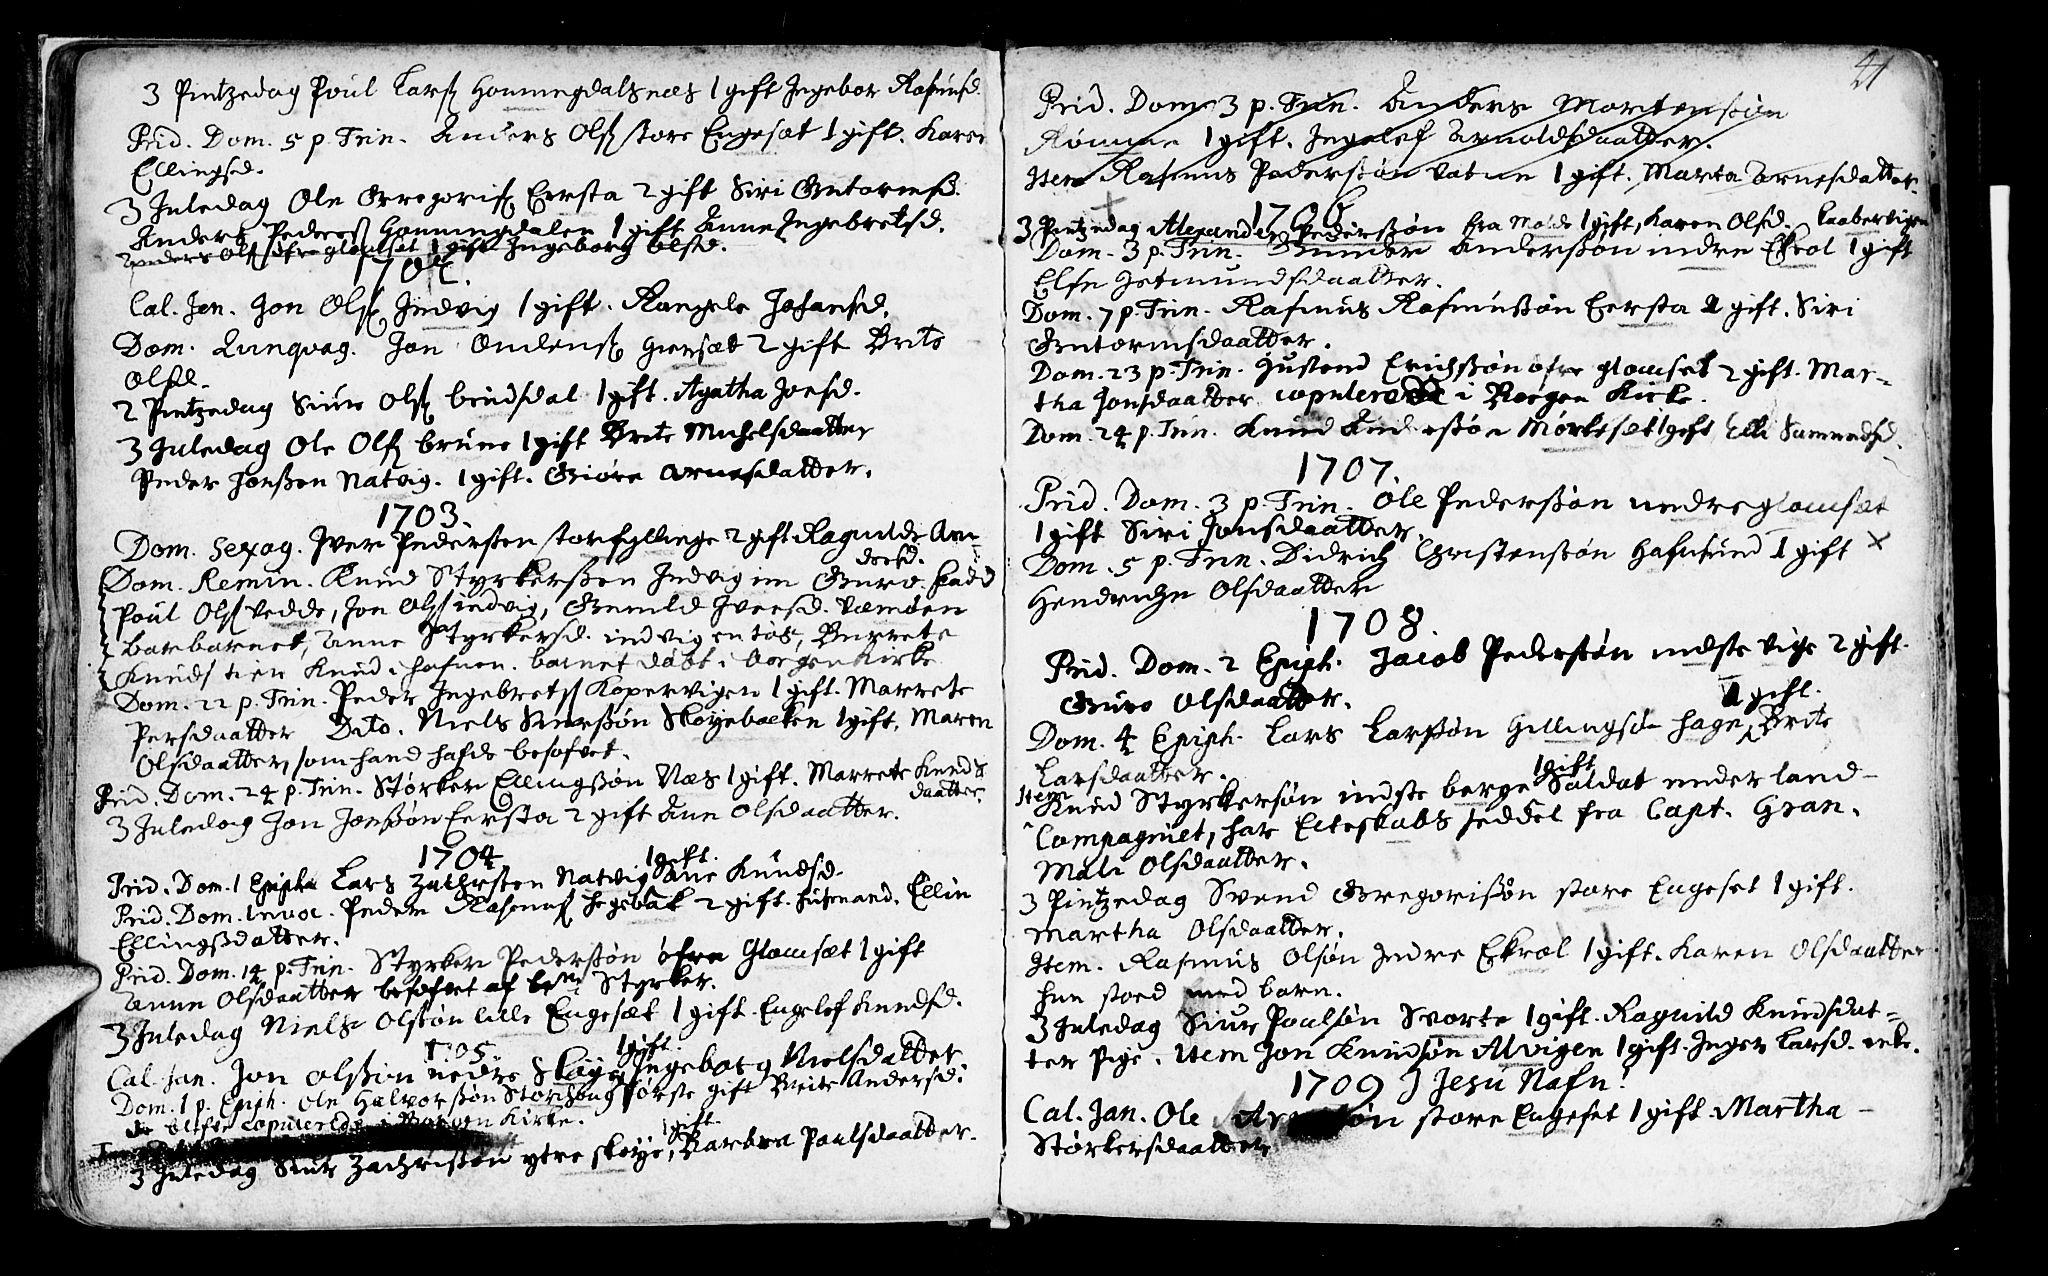 SAT, Ministerialprotokoller, klokkerbøker og fødselsregistre - Møre og Romsdal, 524/L0349: Ministerialbok nr. 524A01, 1698-1779, s. 41